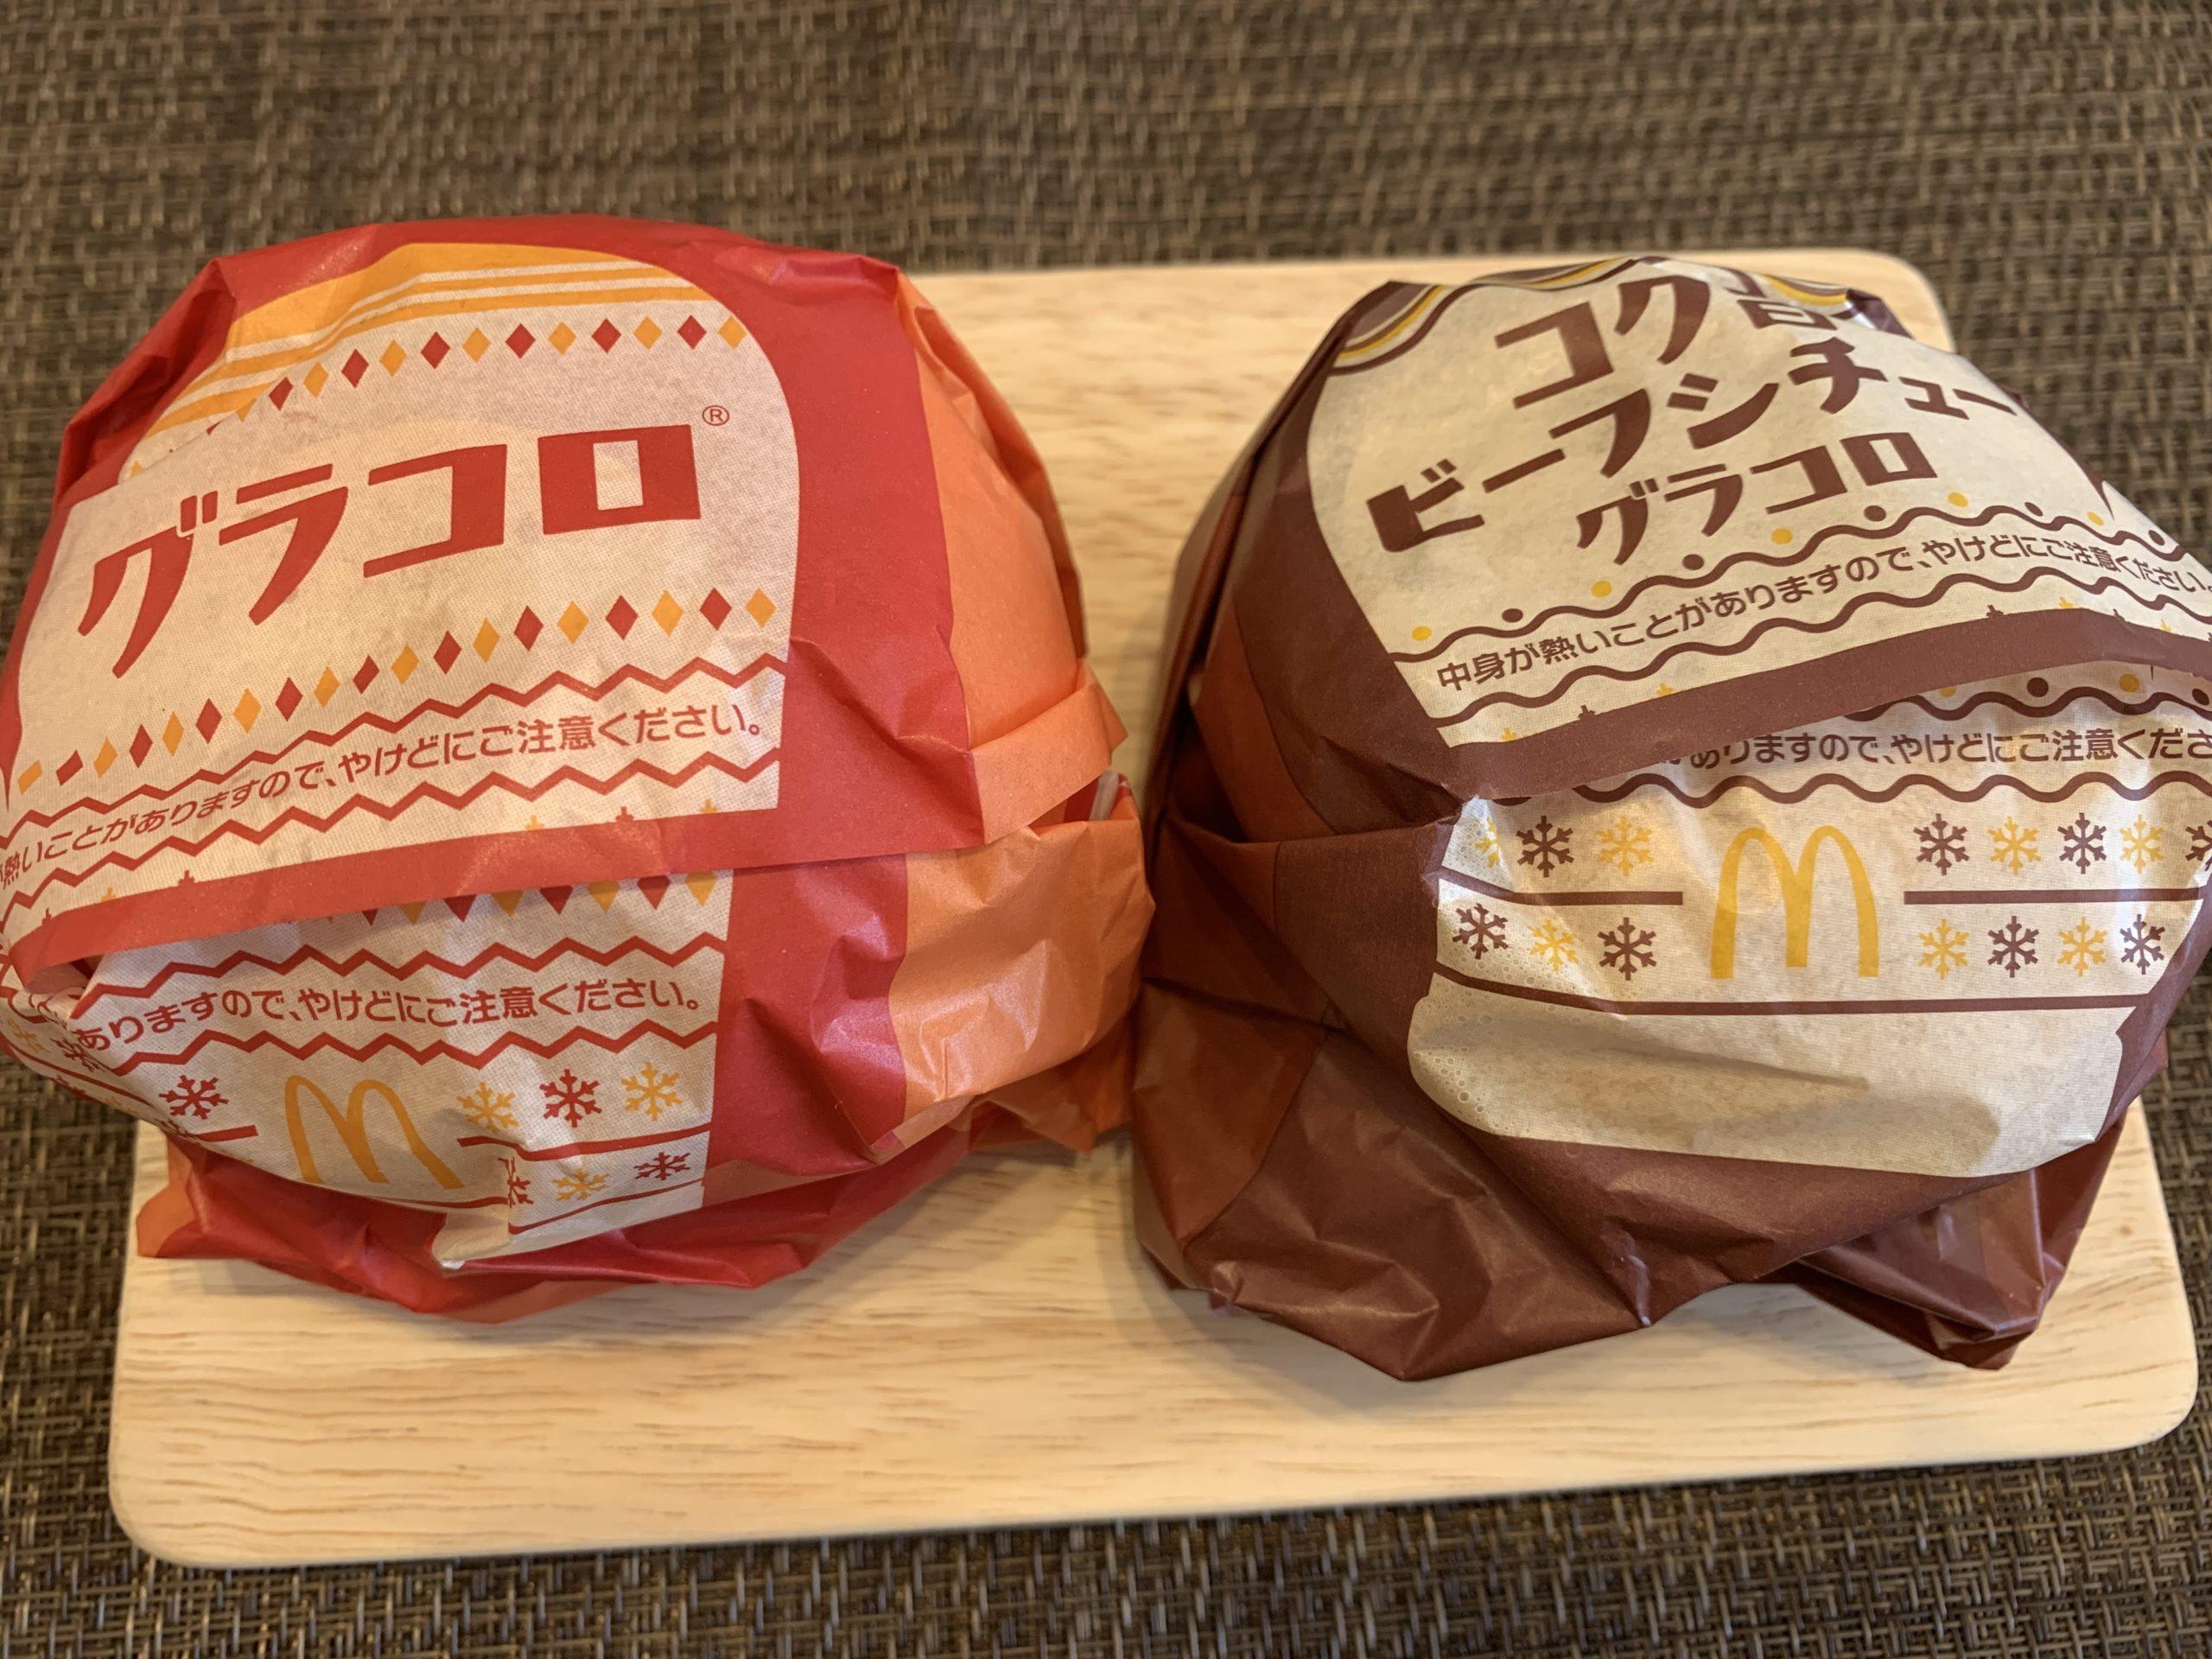 マックグラコロ2020冬食べ比べコク旨ビーフシチューグラコロの味は?